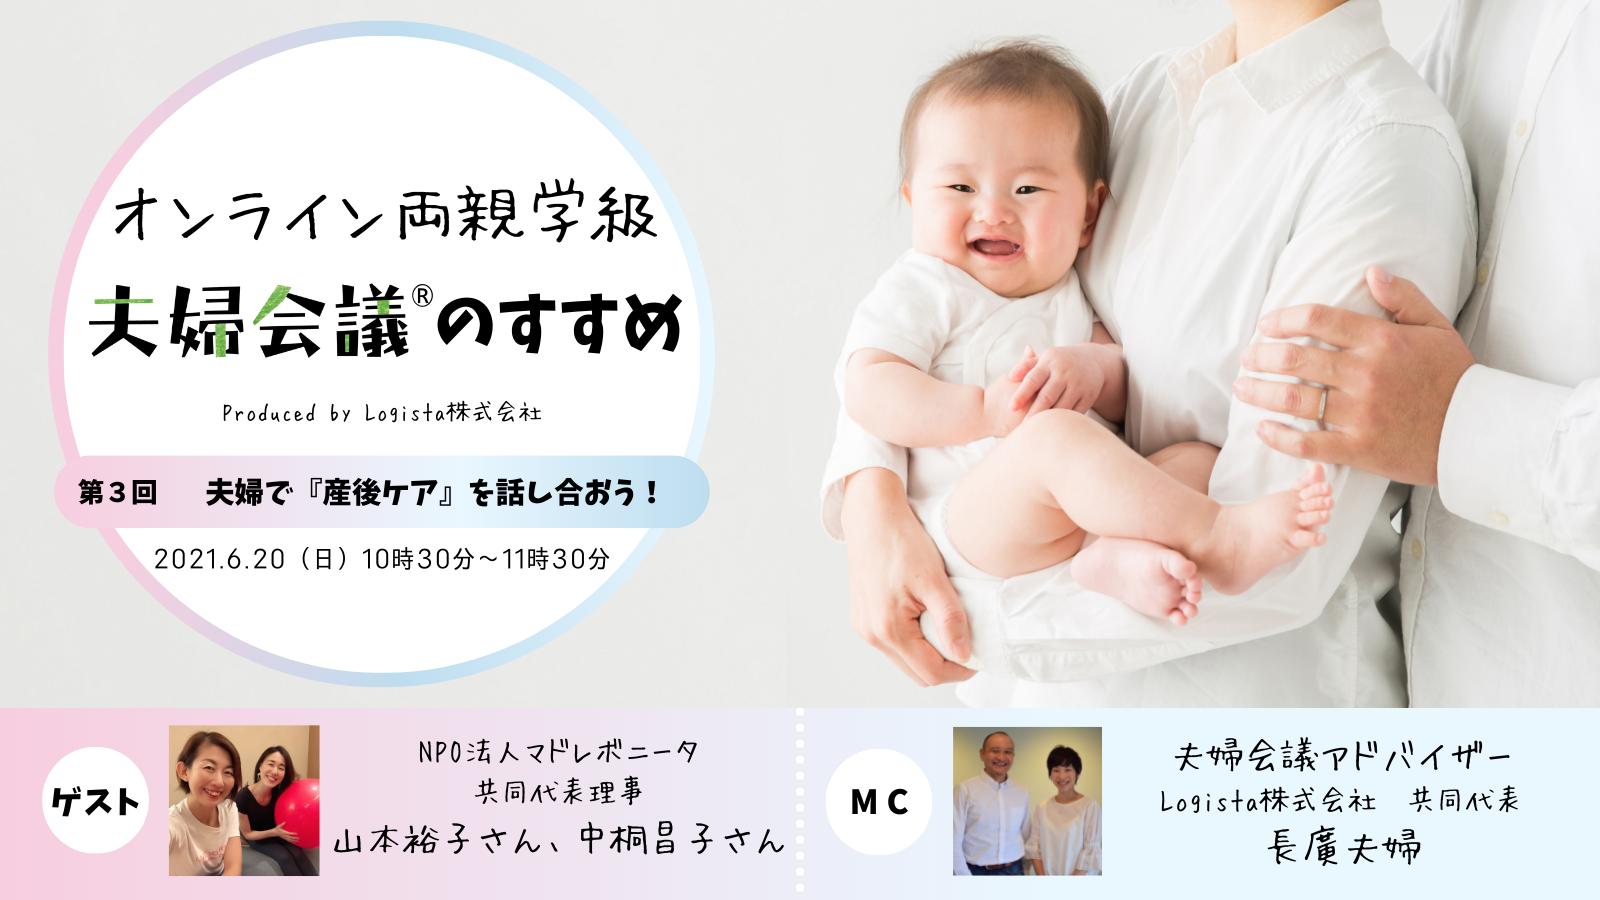 6月『夫婦会議』のイベント情報(無料枠/プレゼント企画有り!)